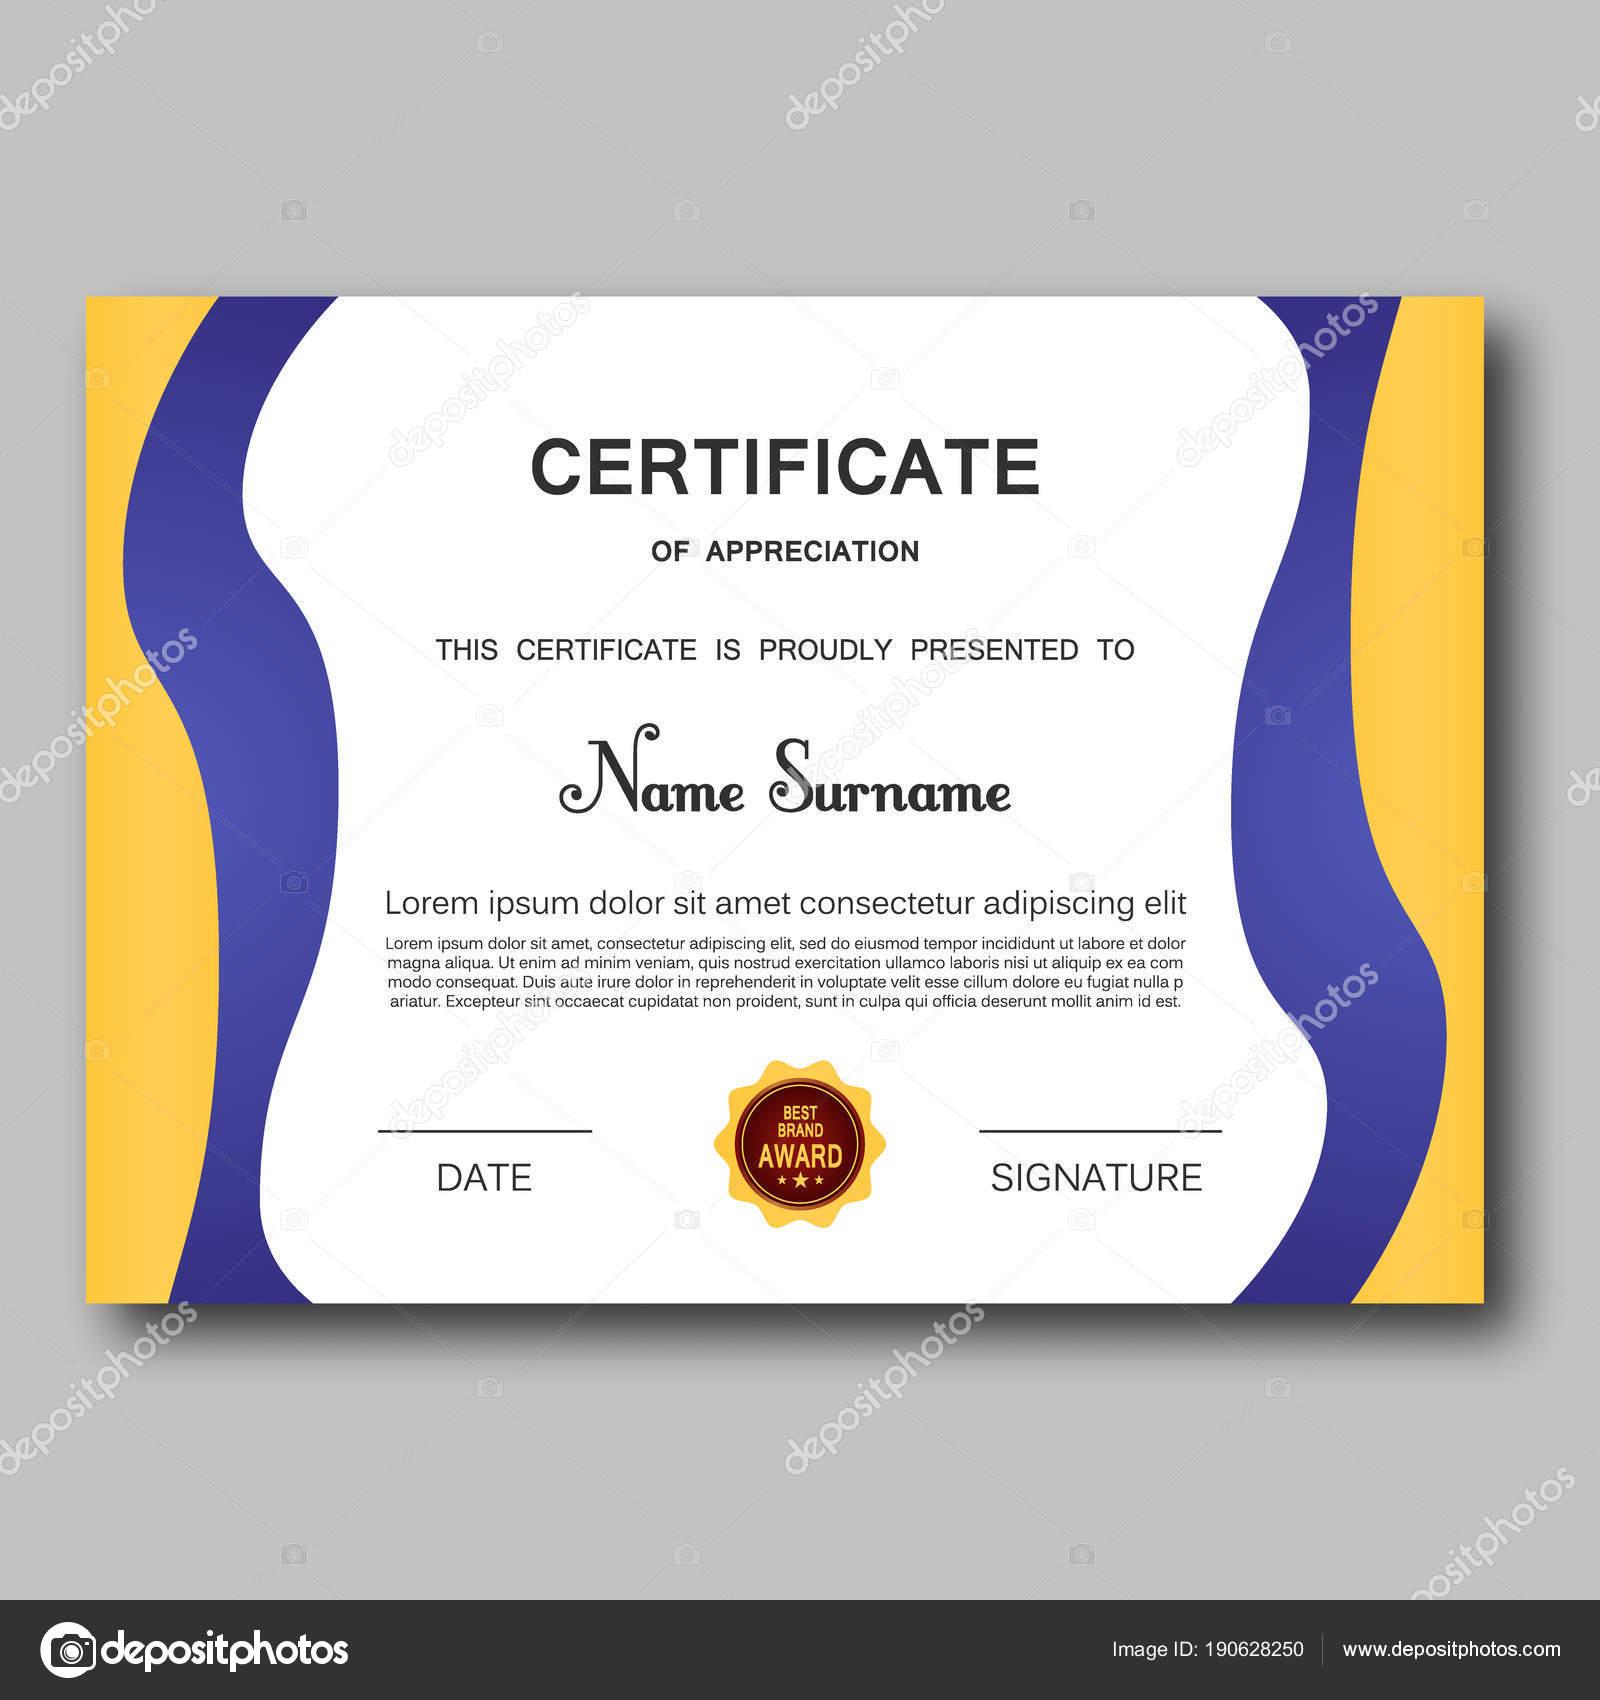 Certificado de apreciación plantilla vector diseño geométrico ...